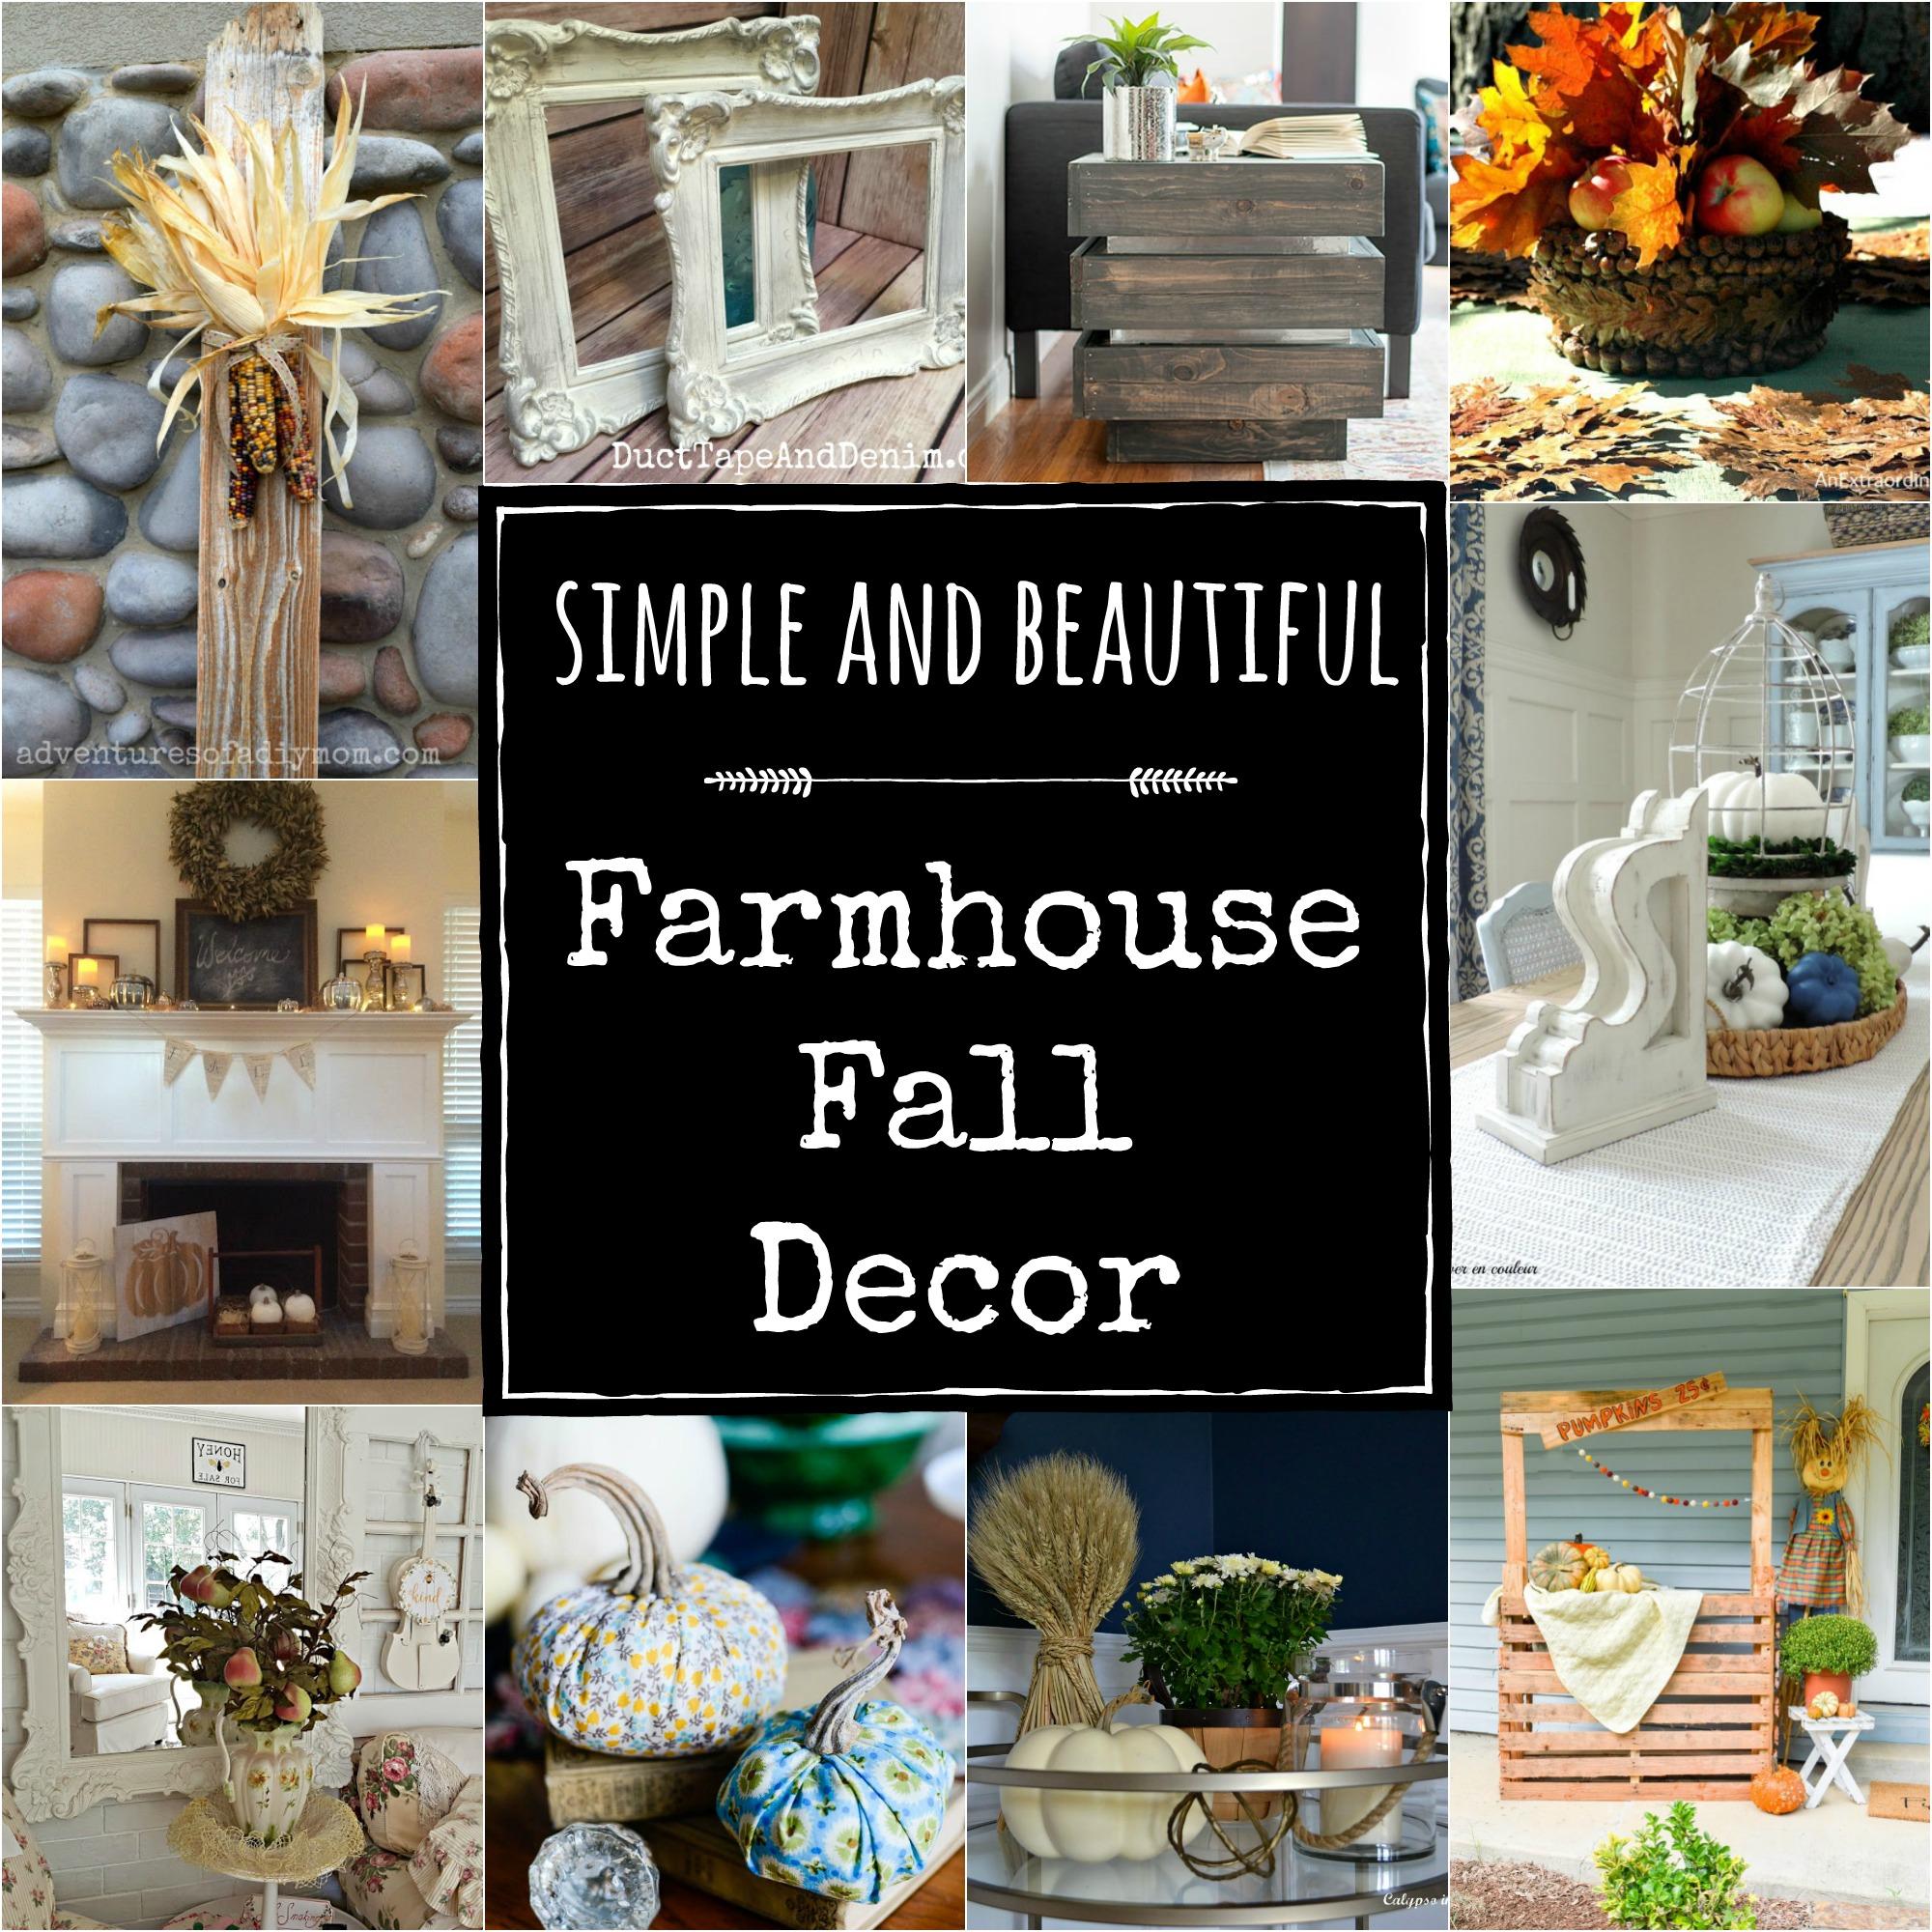 Simple and Beautiful Farmhouse Fall Decor